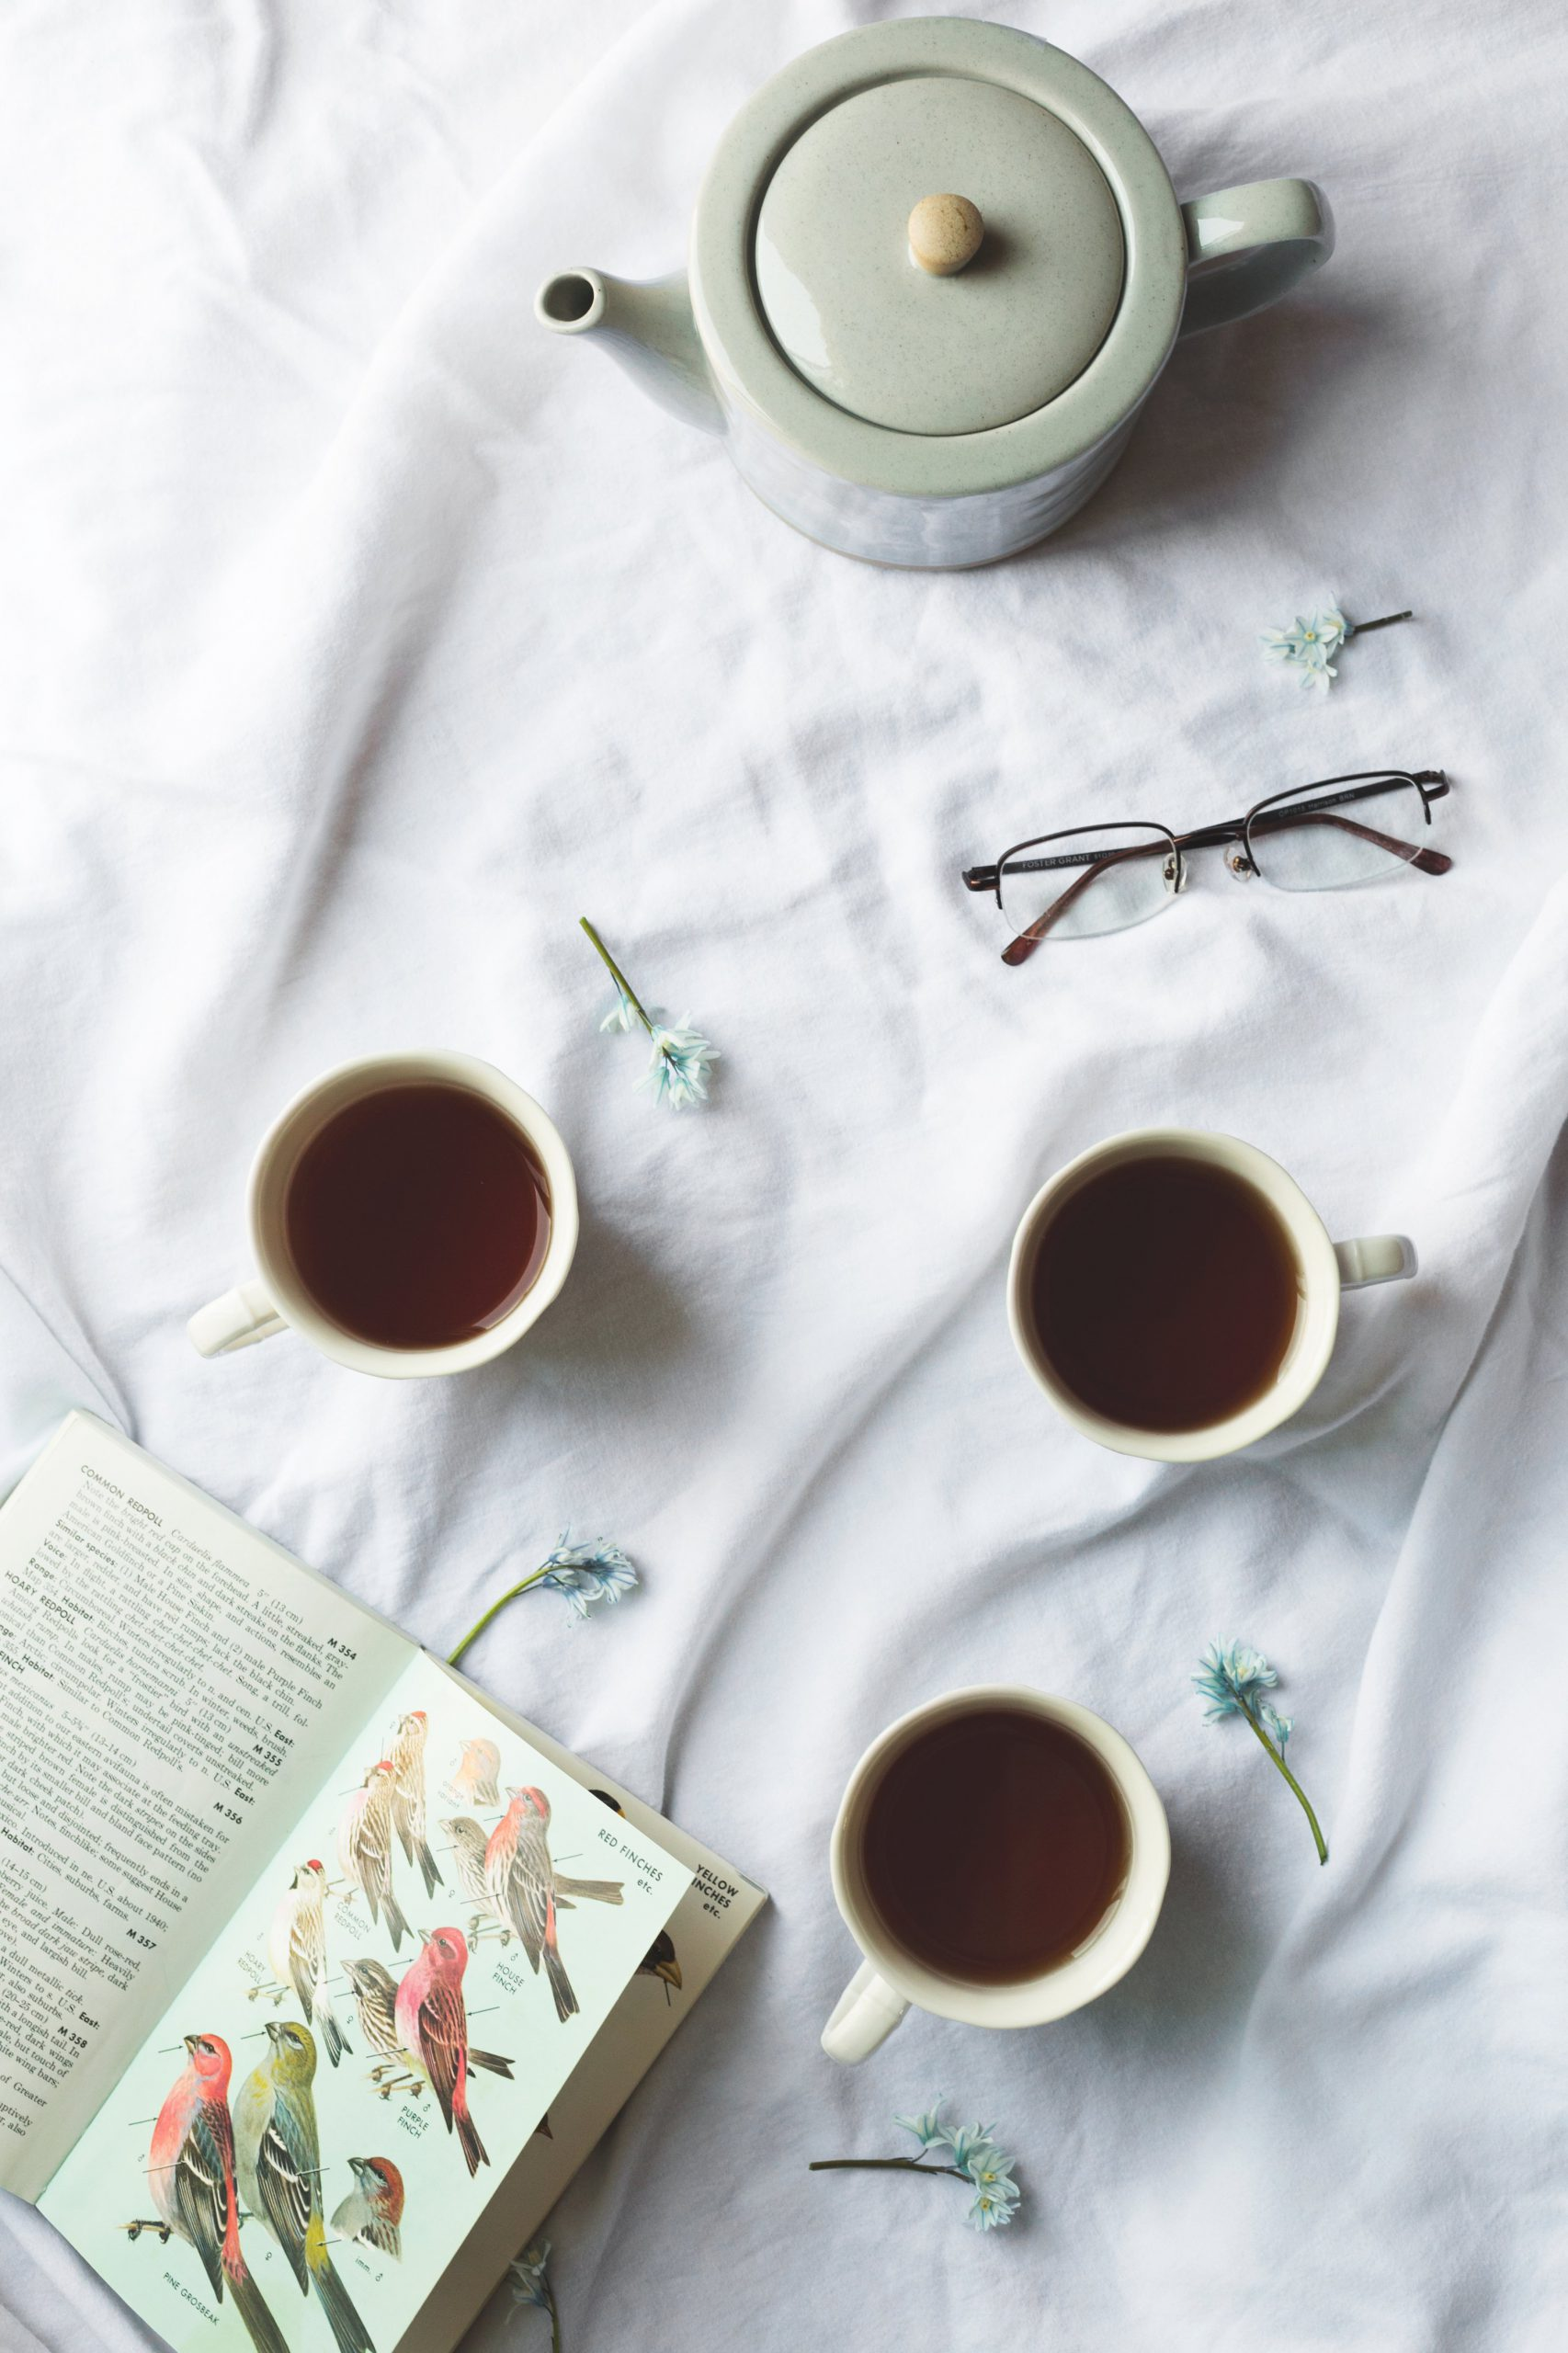 bird-book-and-tea-time